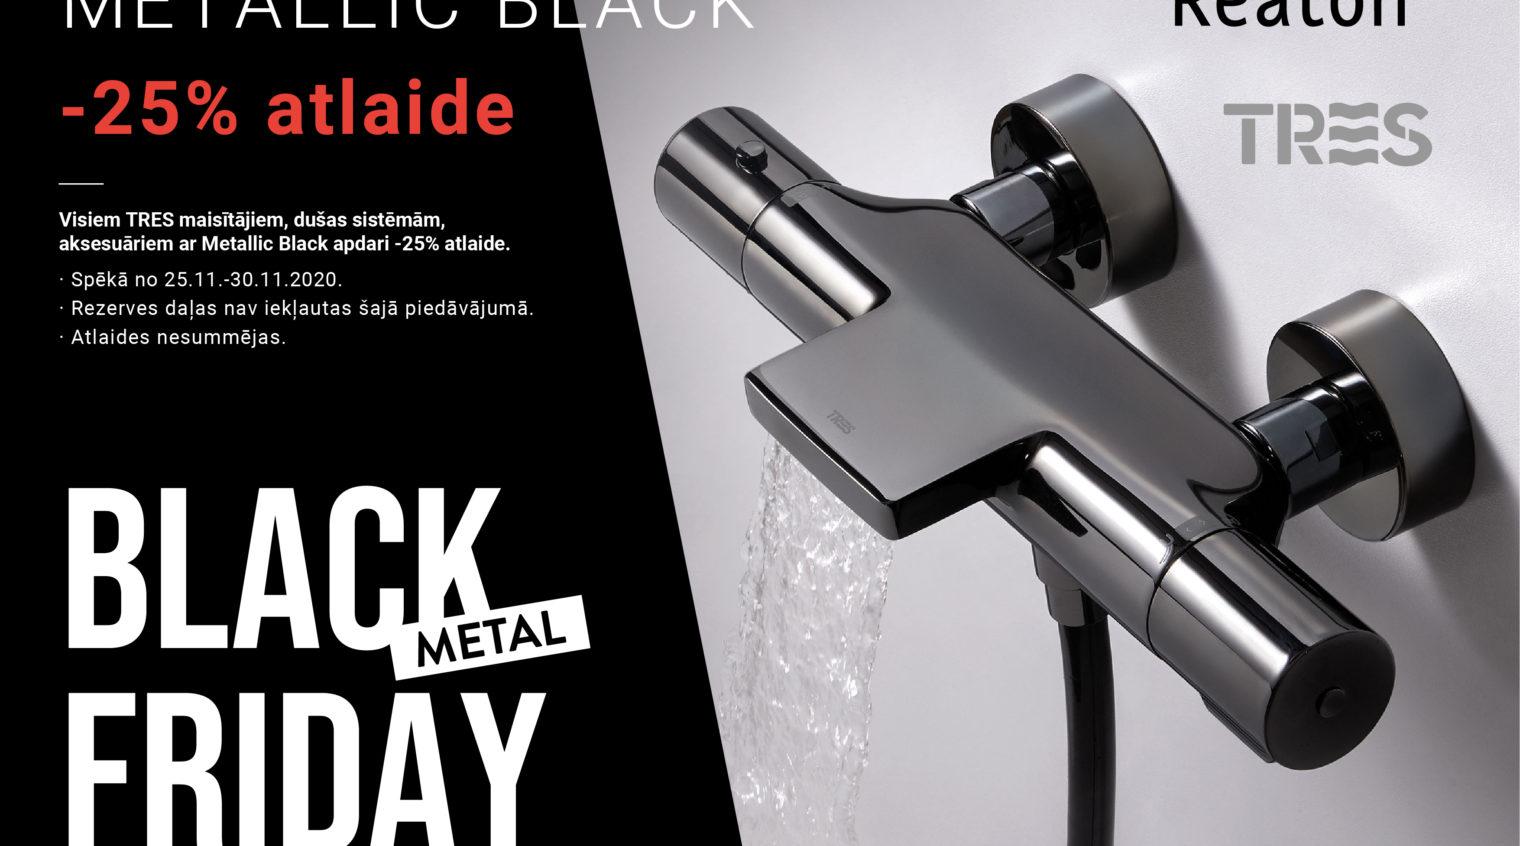 BLACK METAL FRIDAY piedāvājums Reaton!